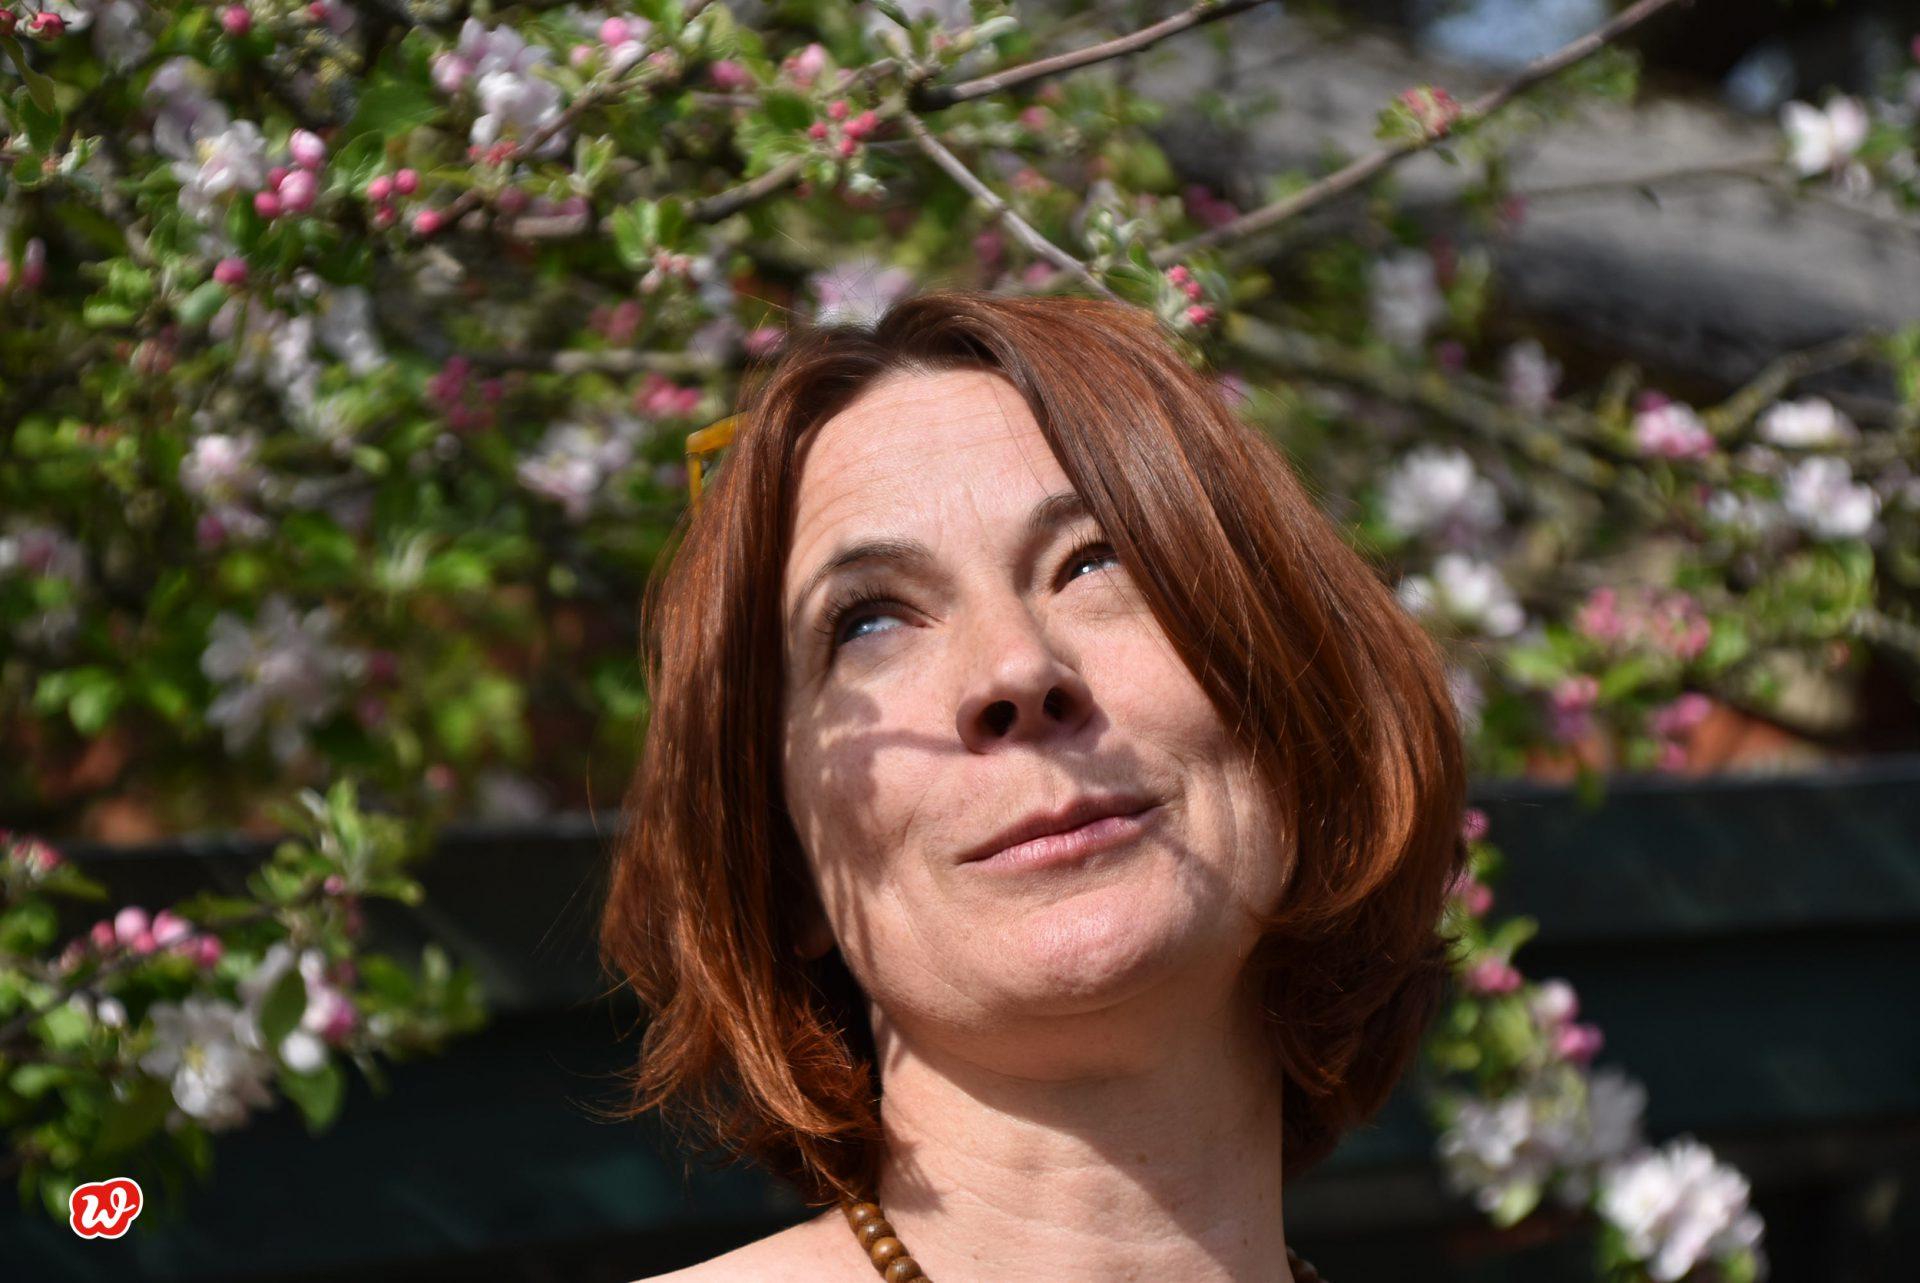 Heike, nahes Portrait in Apfelblüte